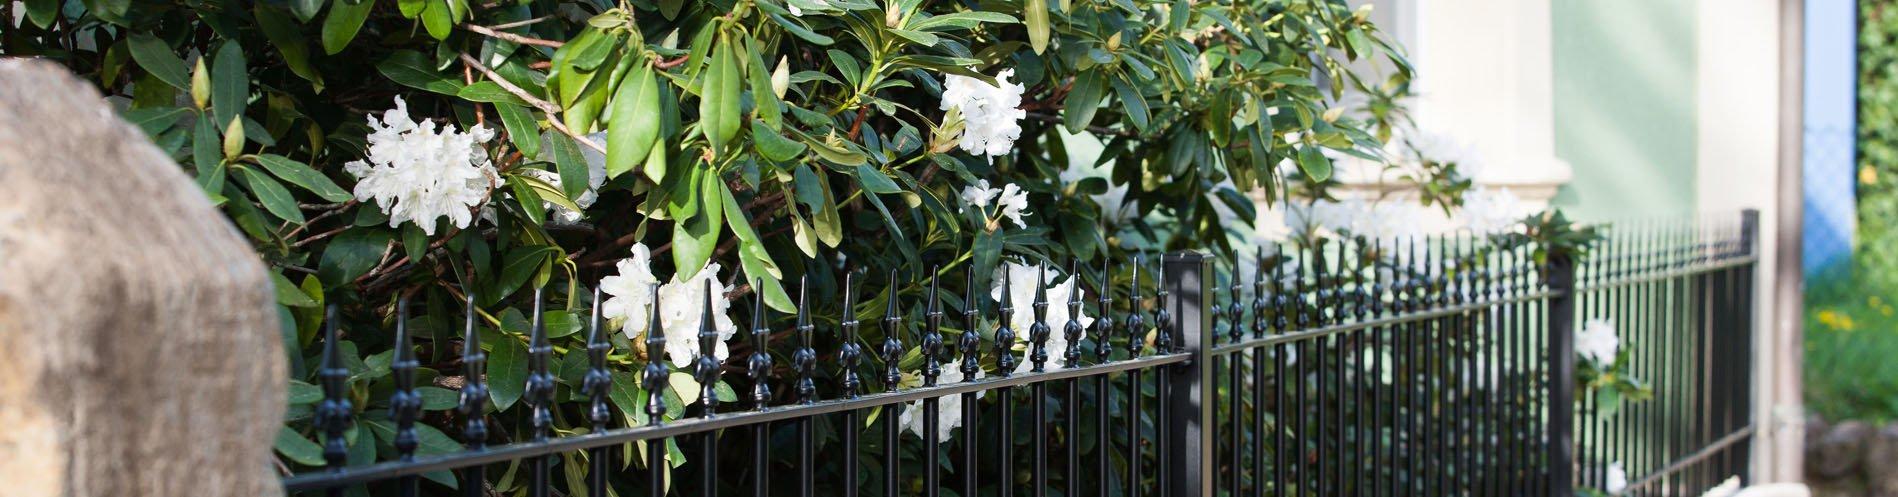 Gartenzaun verzinkt & pulverbeschichtet ELEO